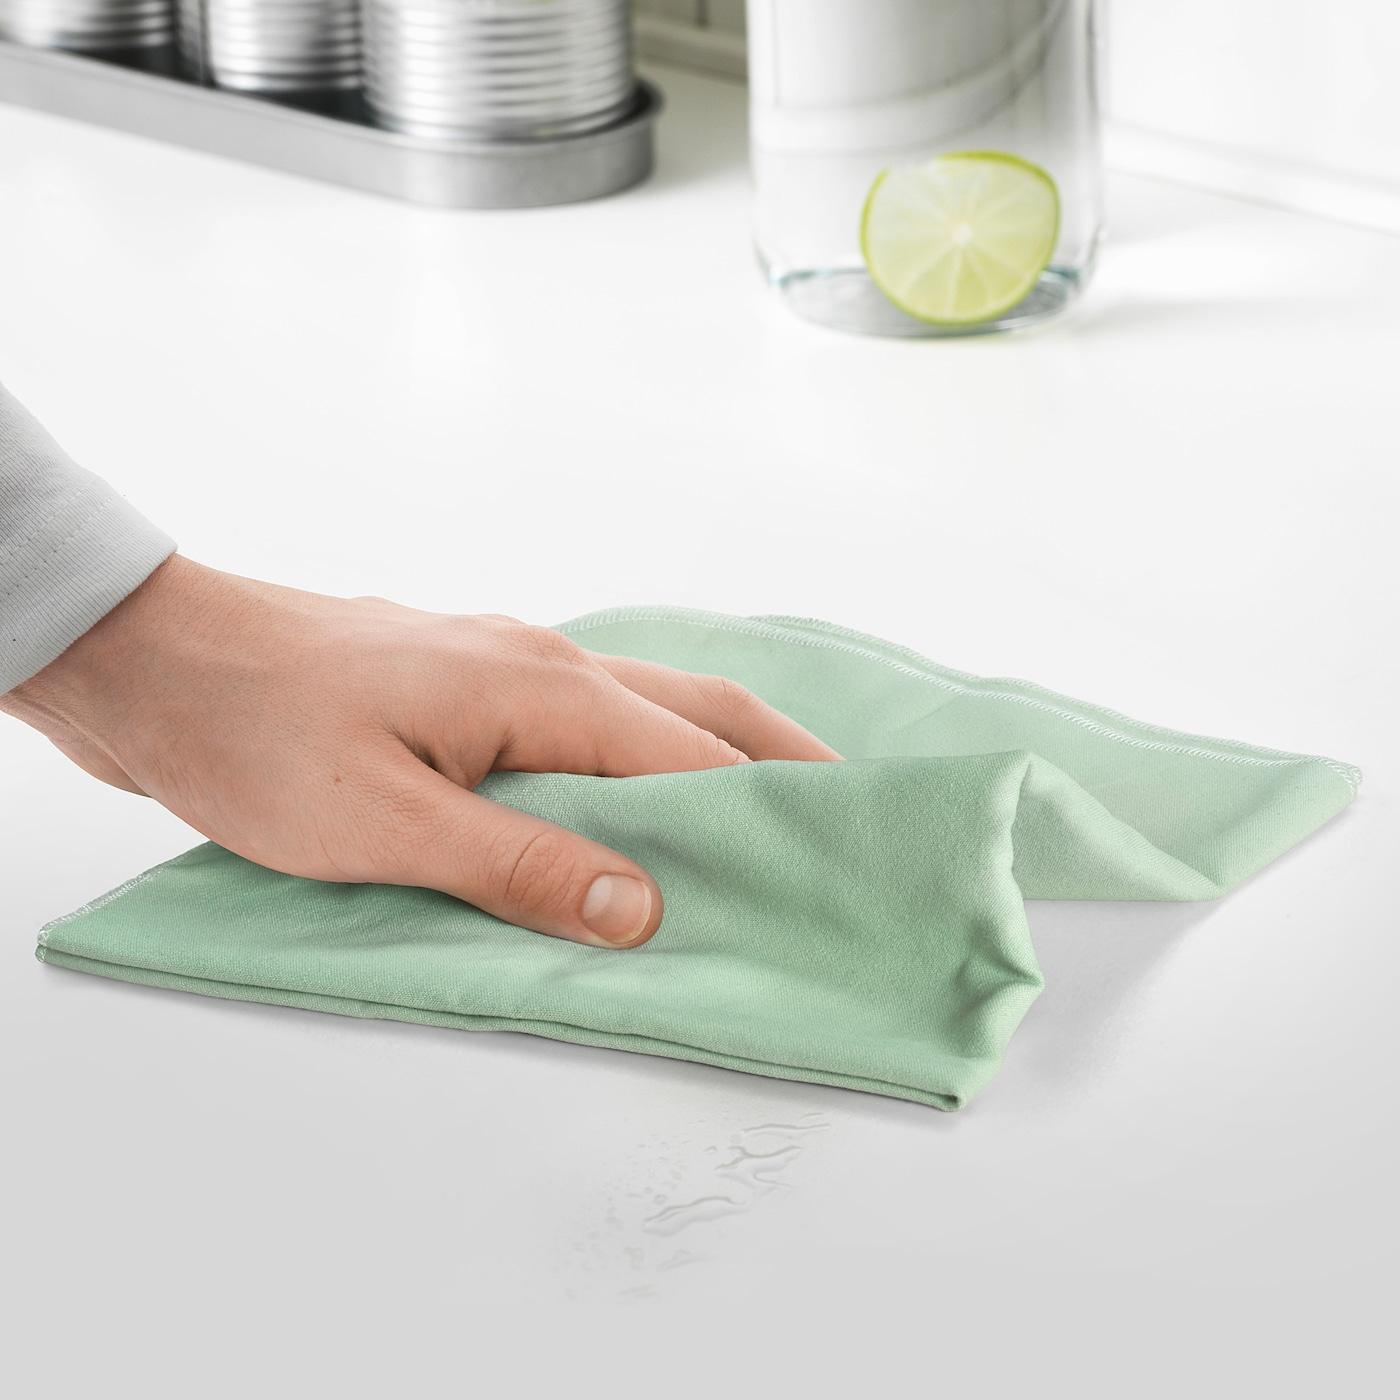 убрать пятно тряпкой